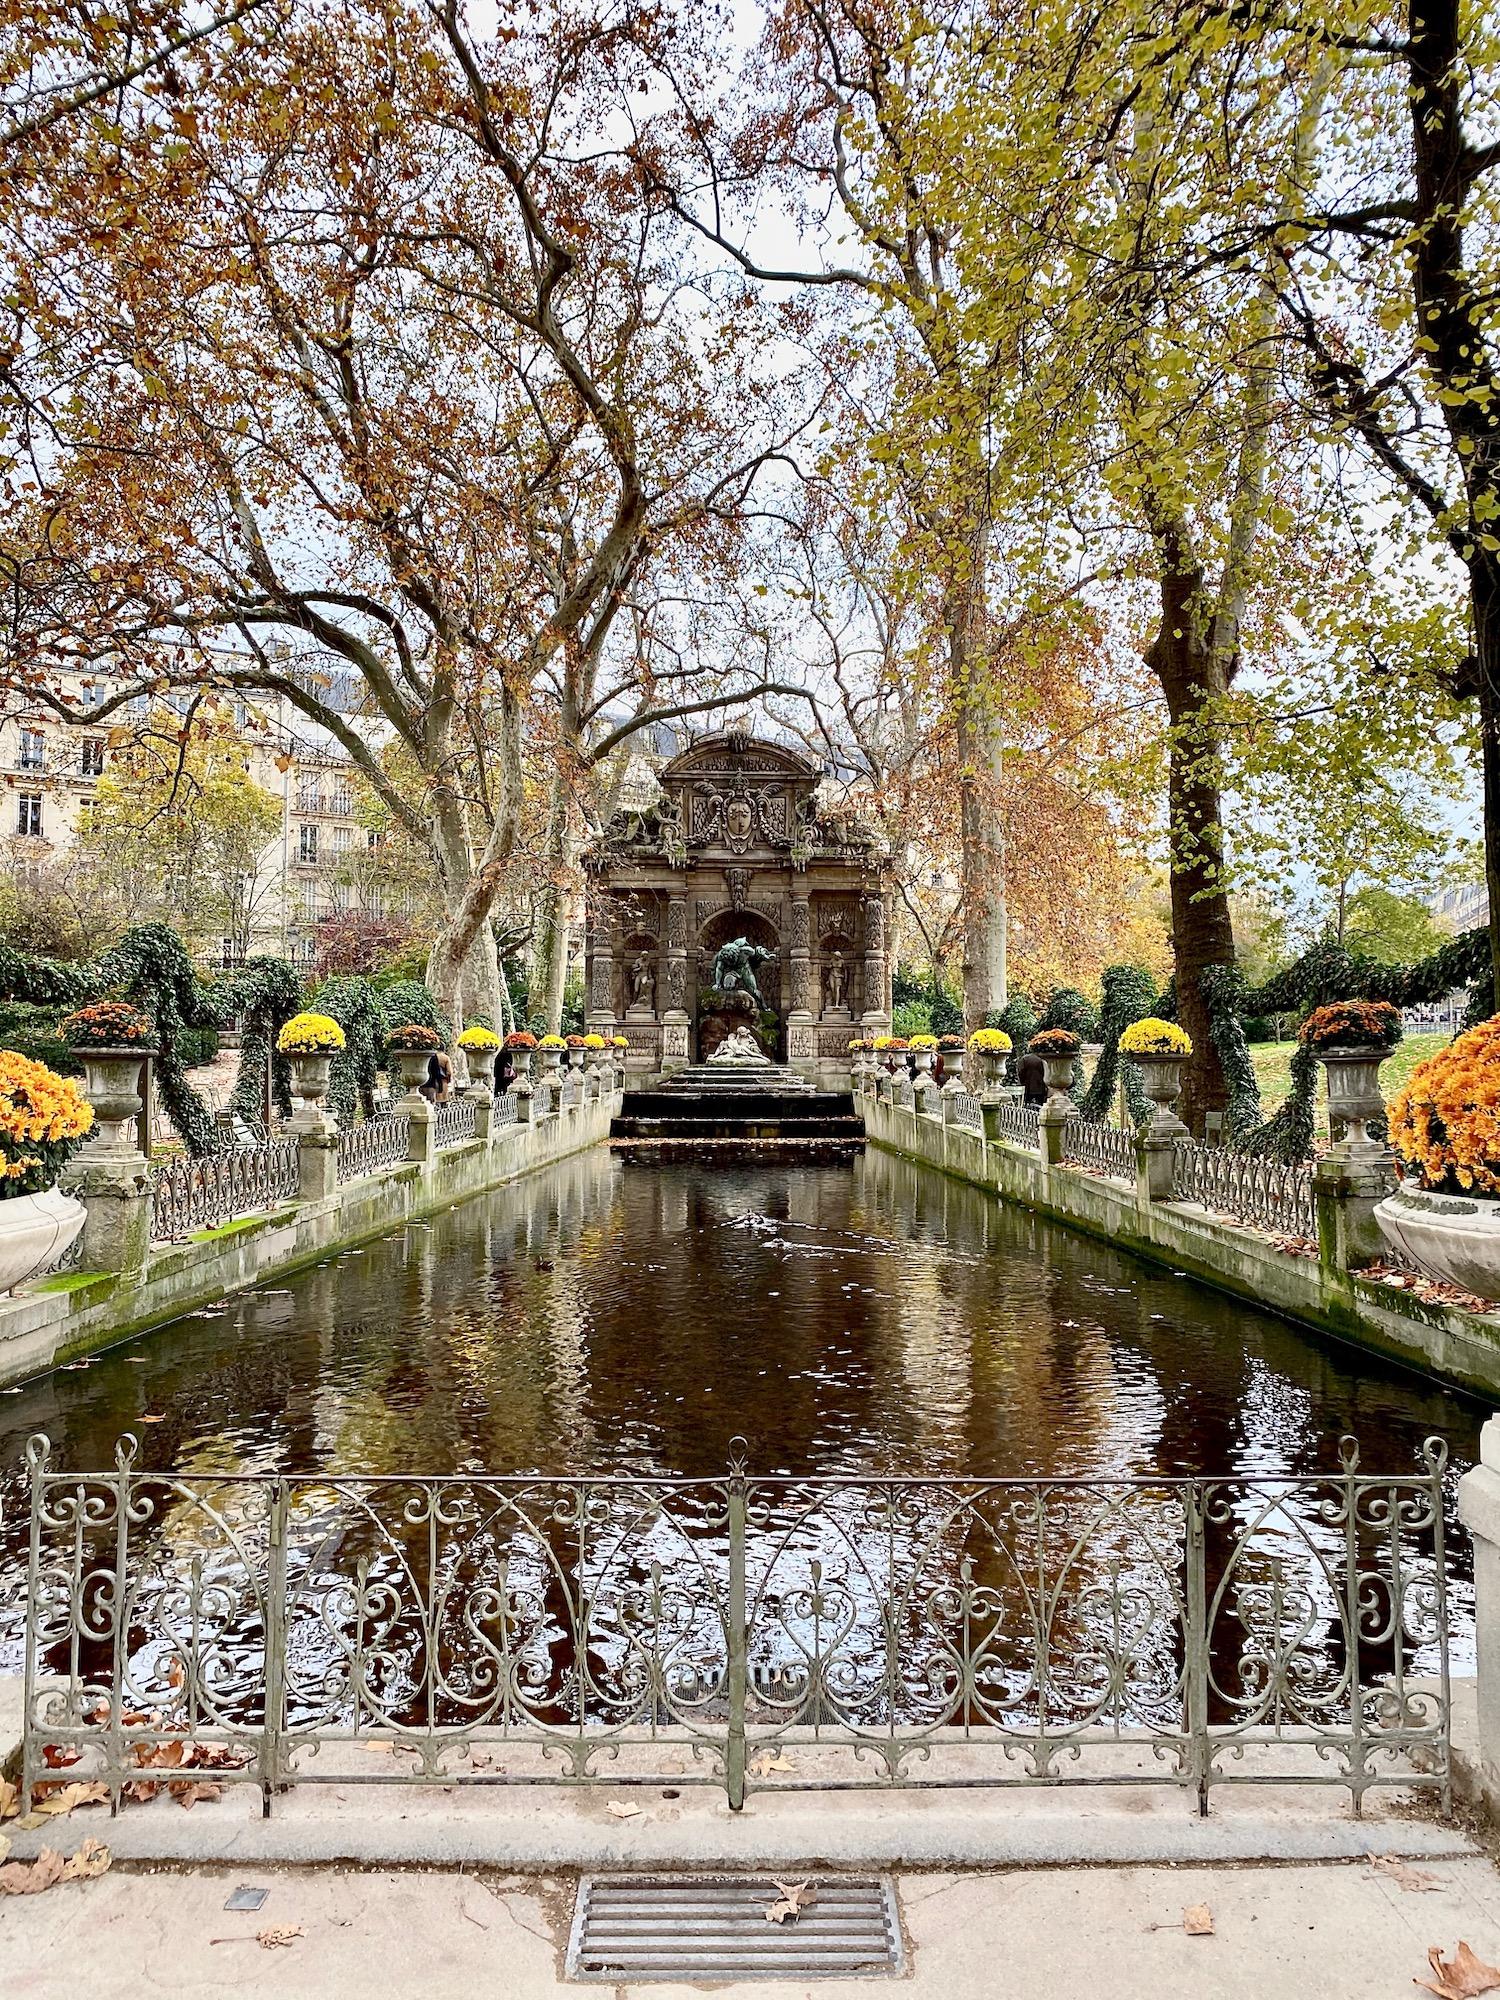 Fontaine de Medicis fall